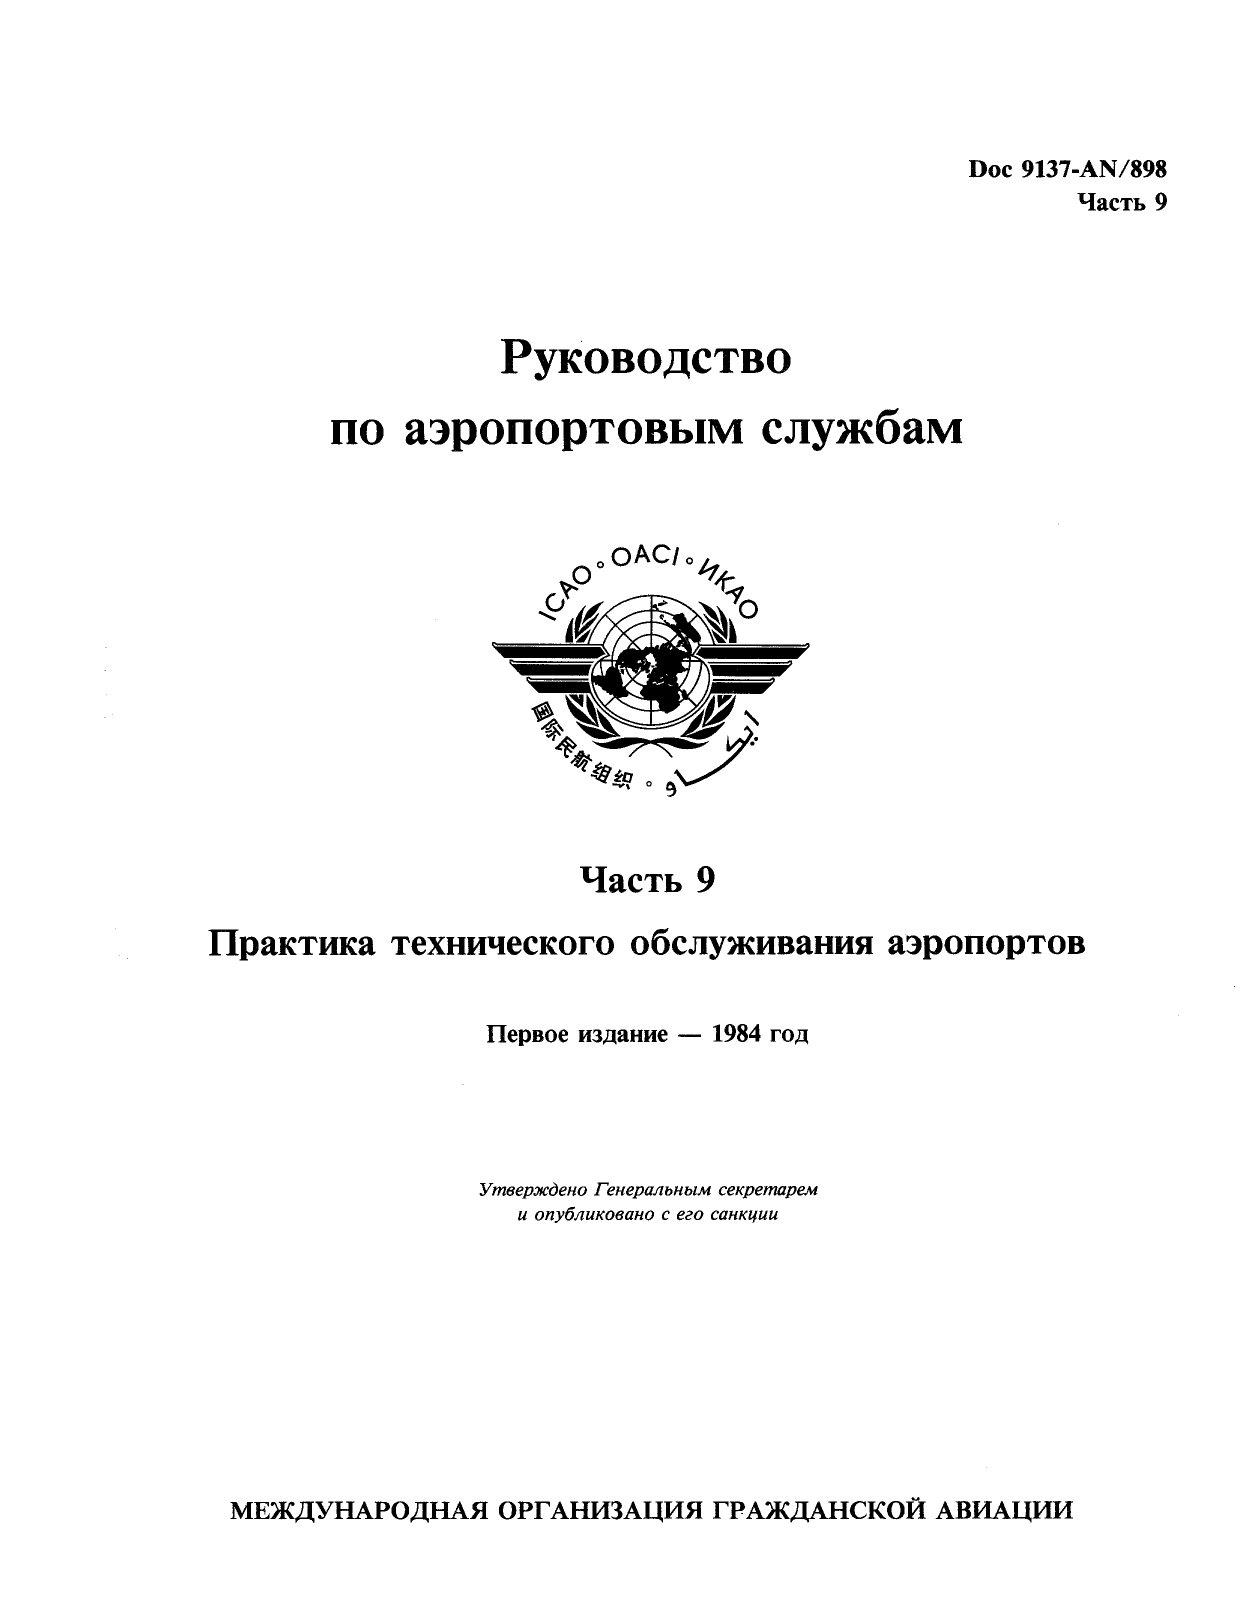 ICAO Doc 9137 Руководство по аэропортовым службам. Часть 9. Практика технического обслуживания аэропортов